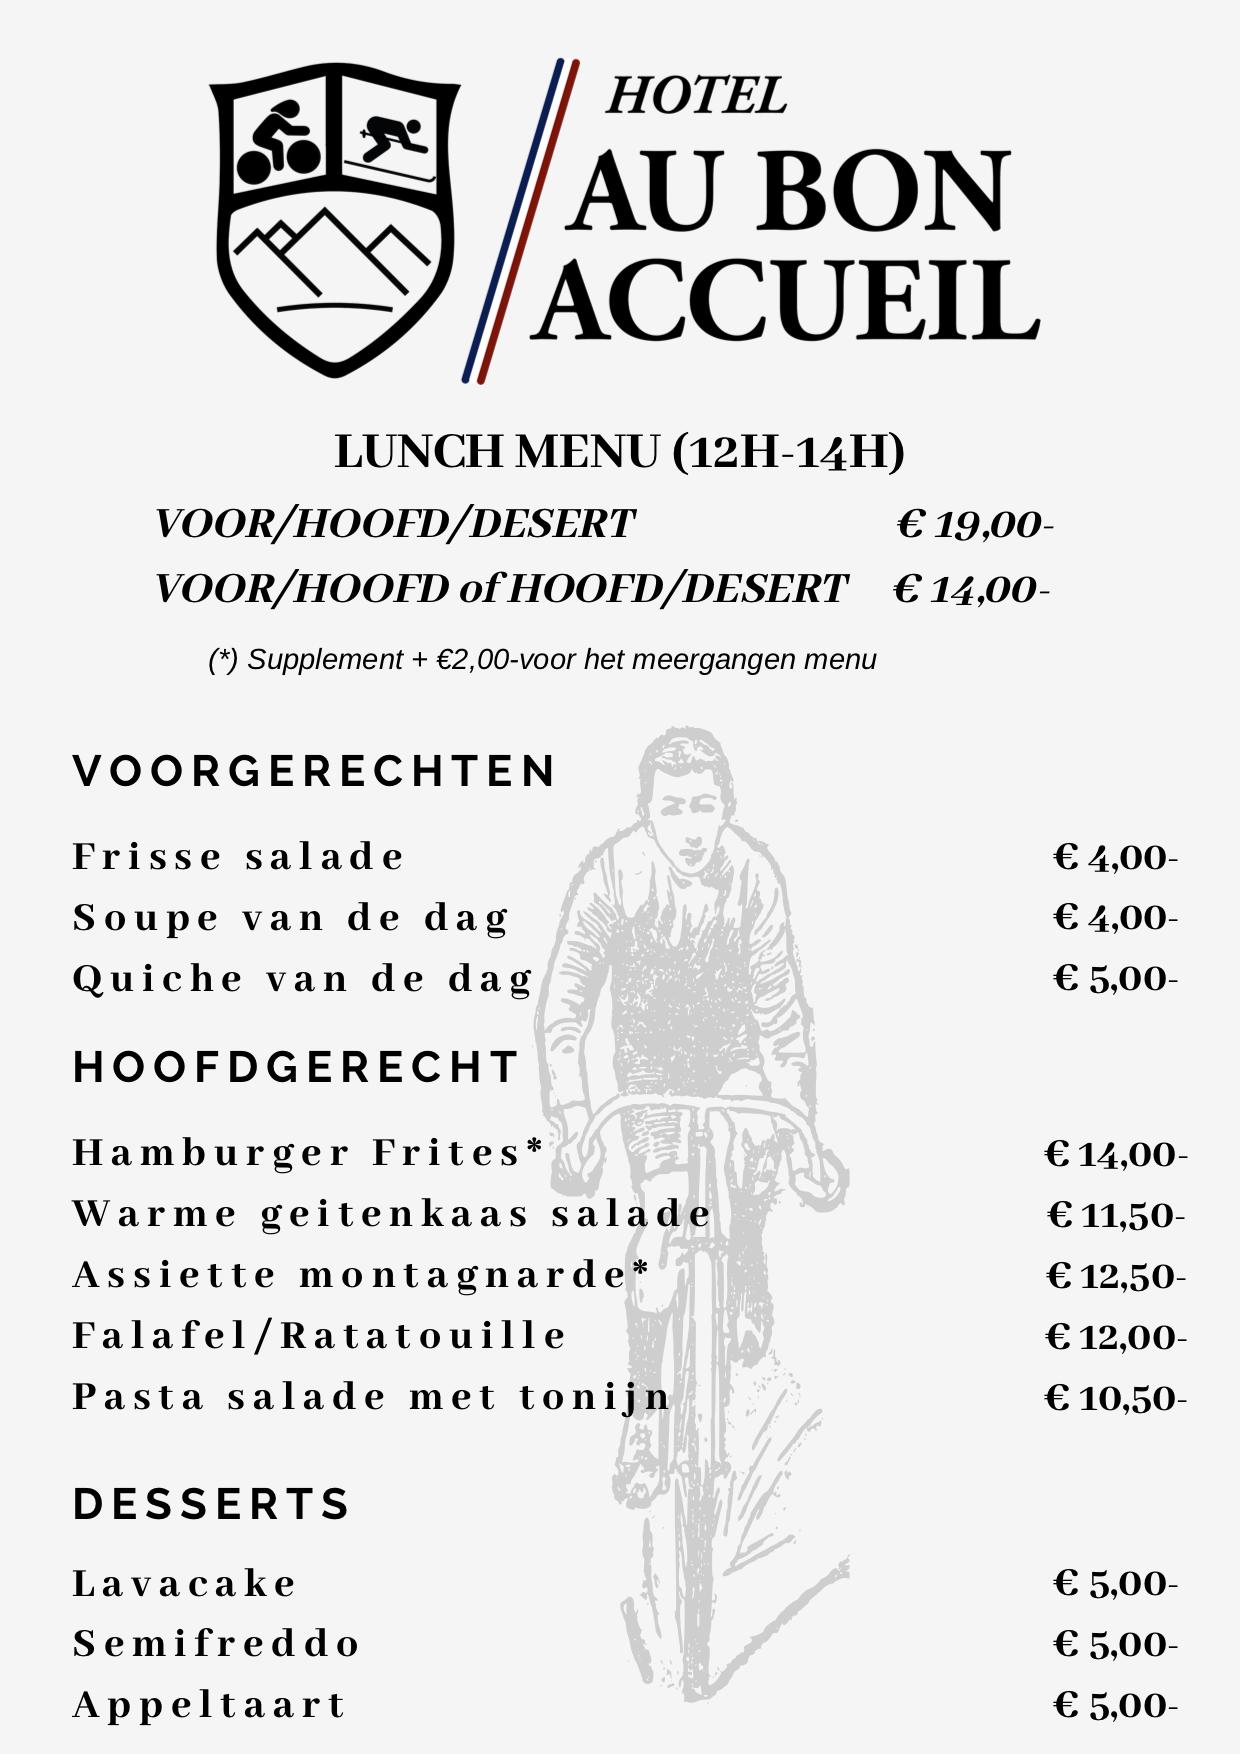 Onze lunchkaart van 12u tot 14u 's middags